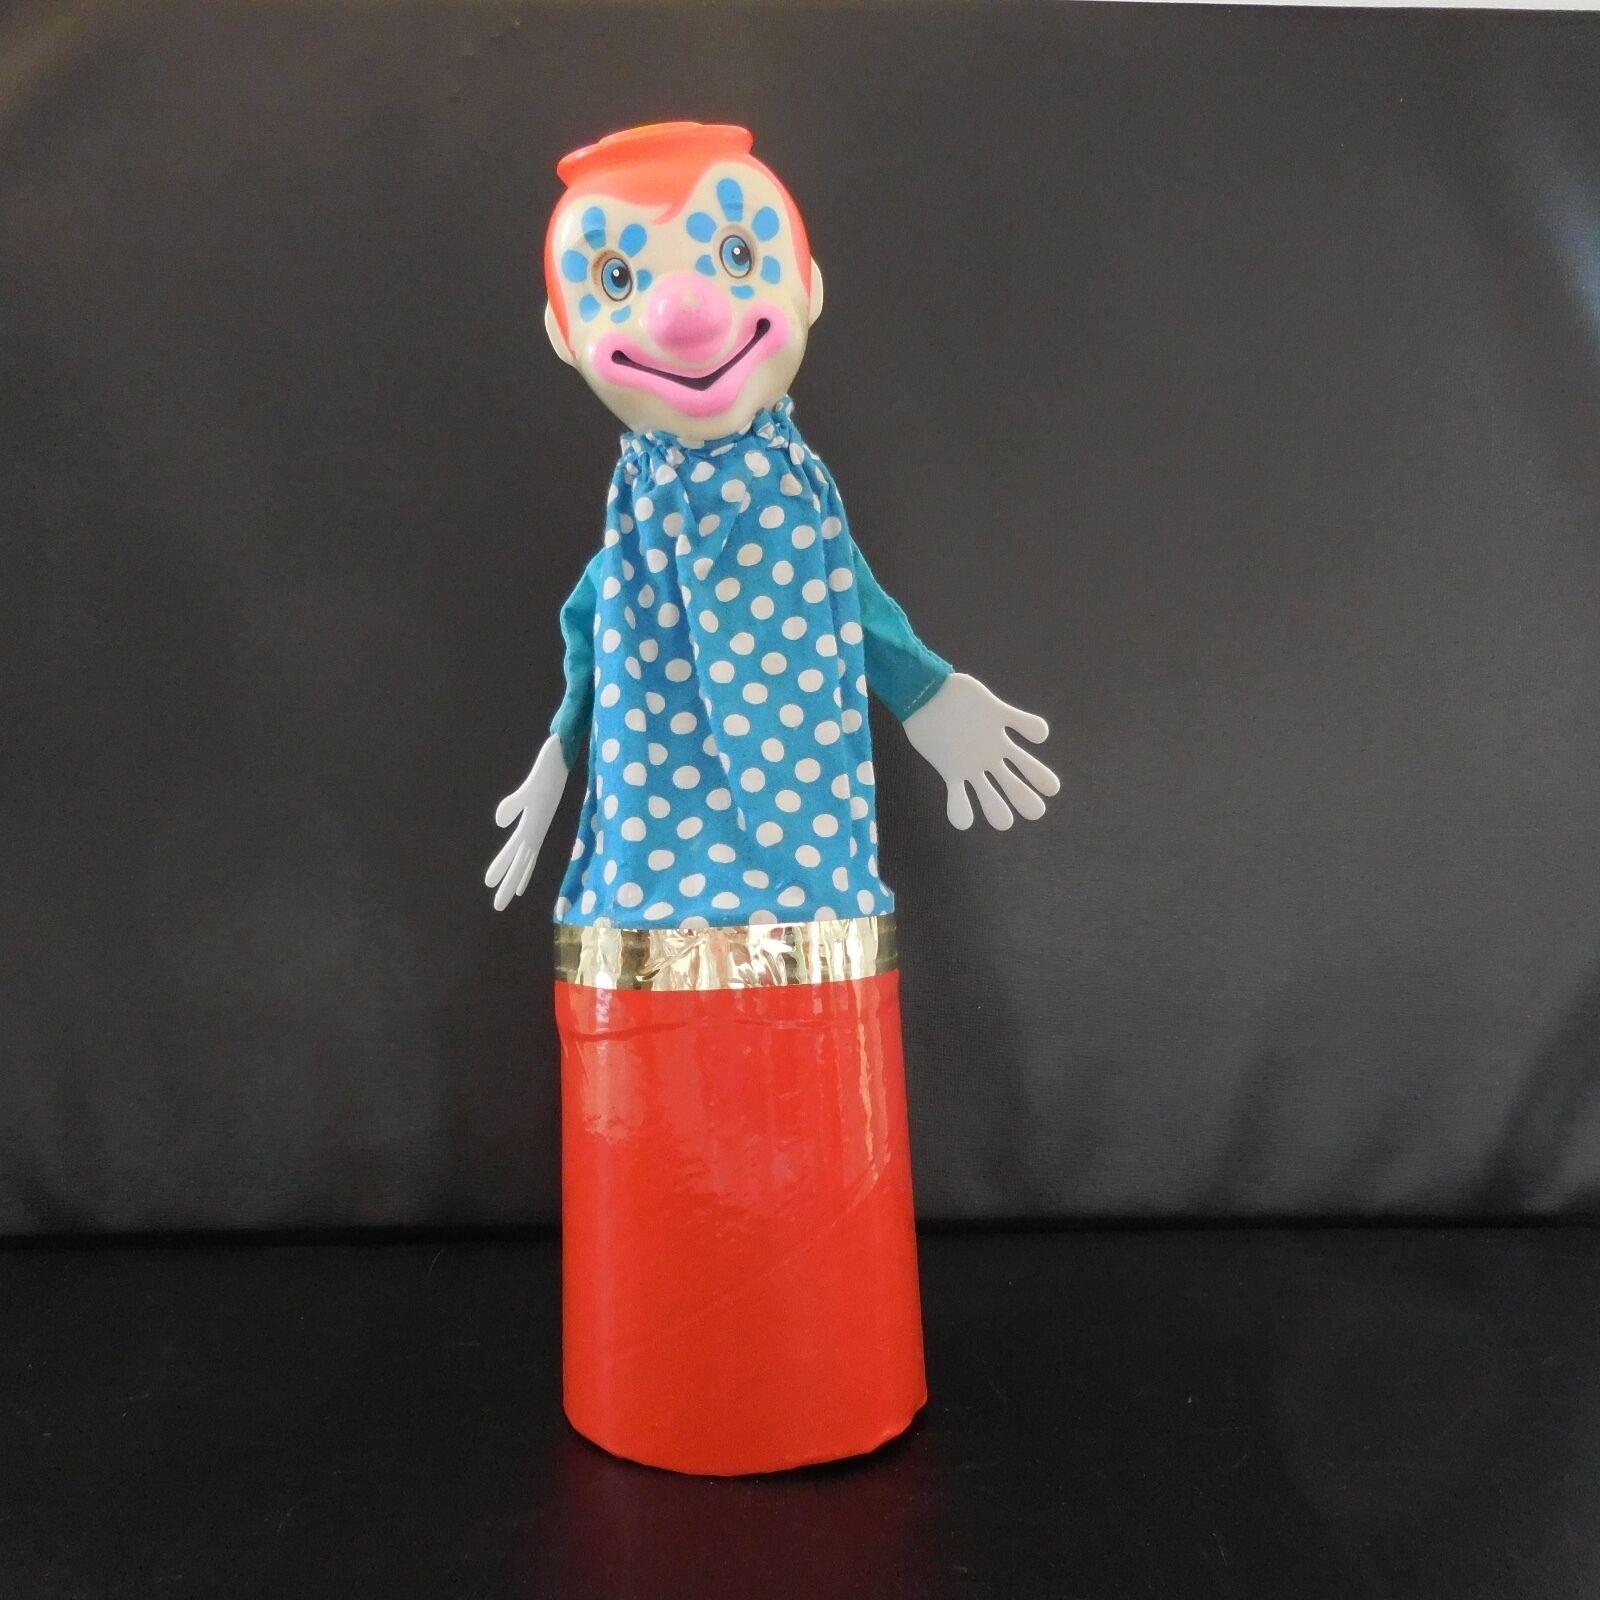 Handpuppe Clown Handarbeit Spielzeug Antik Art-Deco Vintage 1960 Frankreich